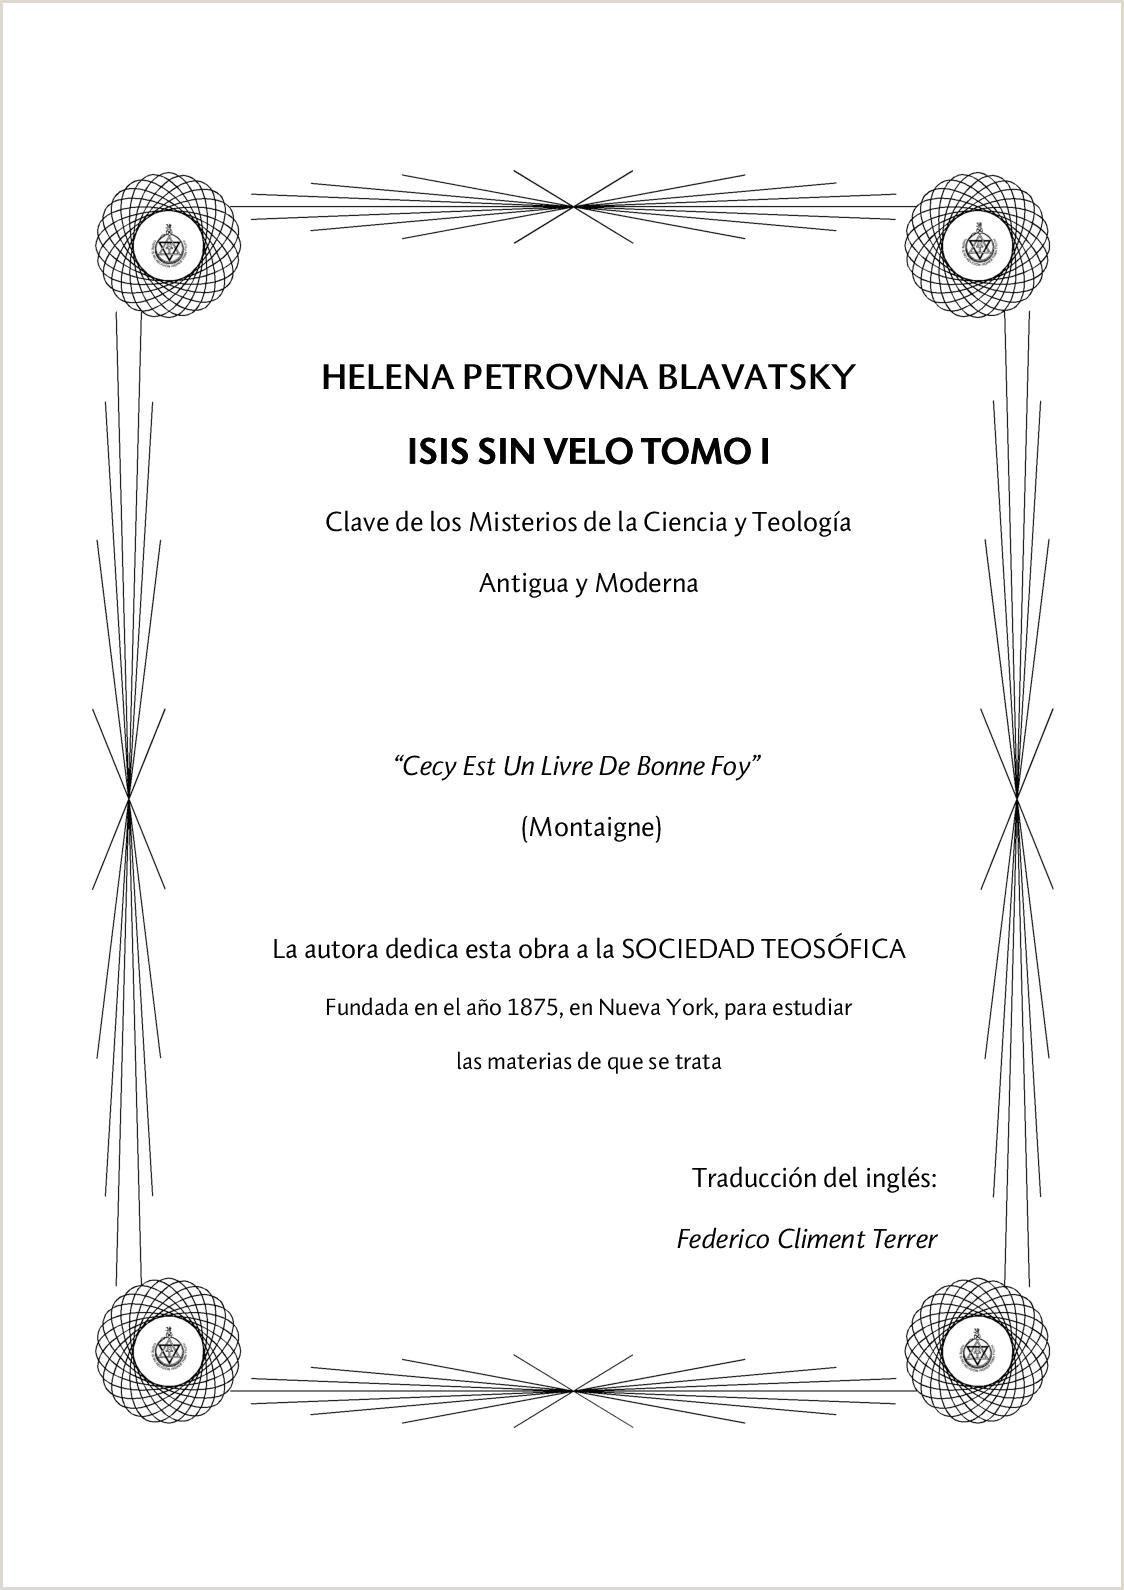 Hoja De Vida Minerva Educacion Y Aptitudes Calaméo isis tomo 1